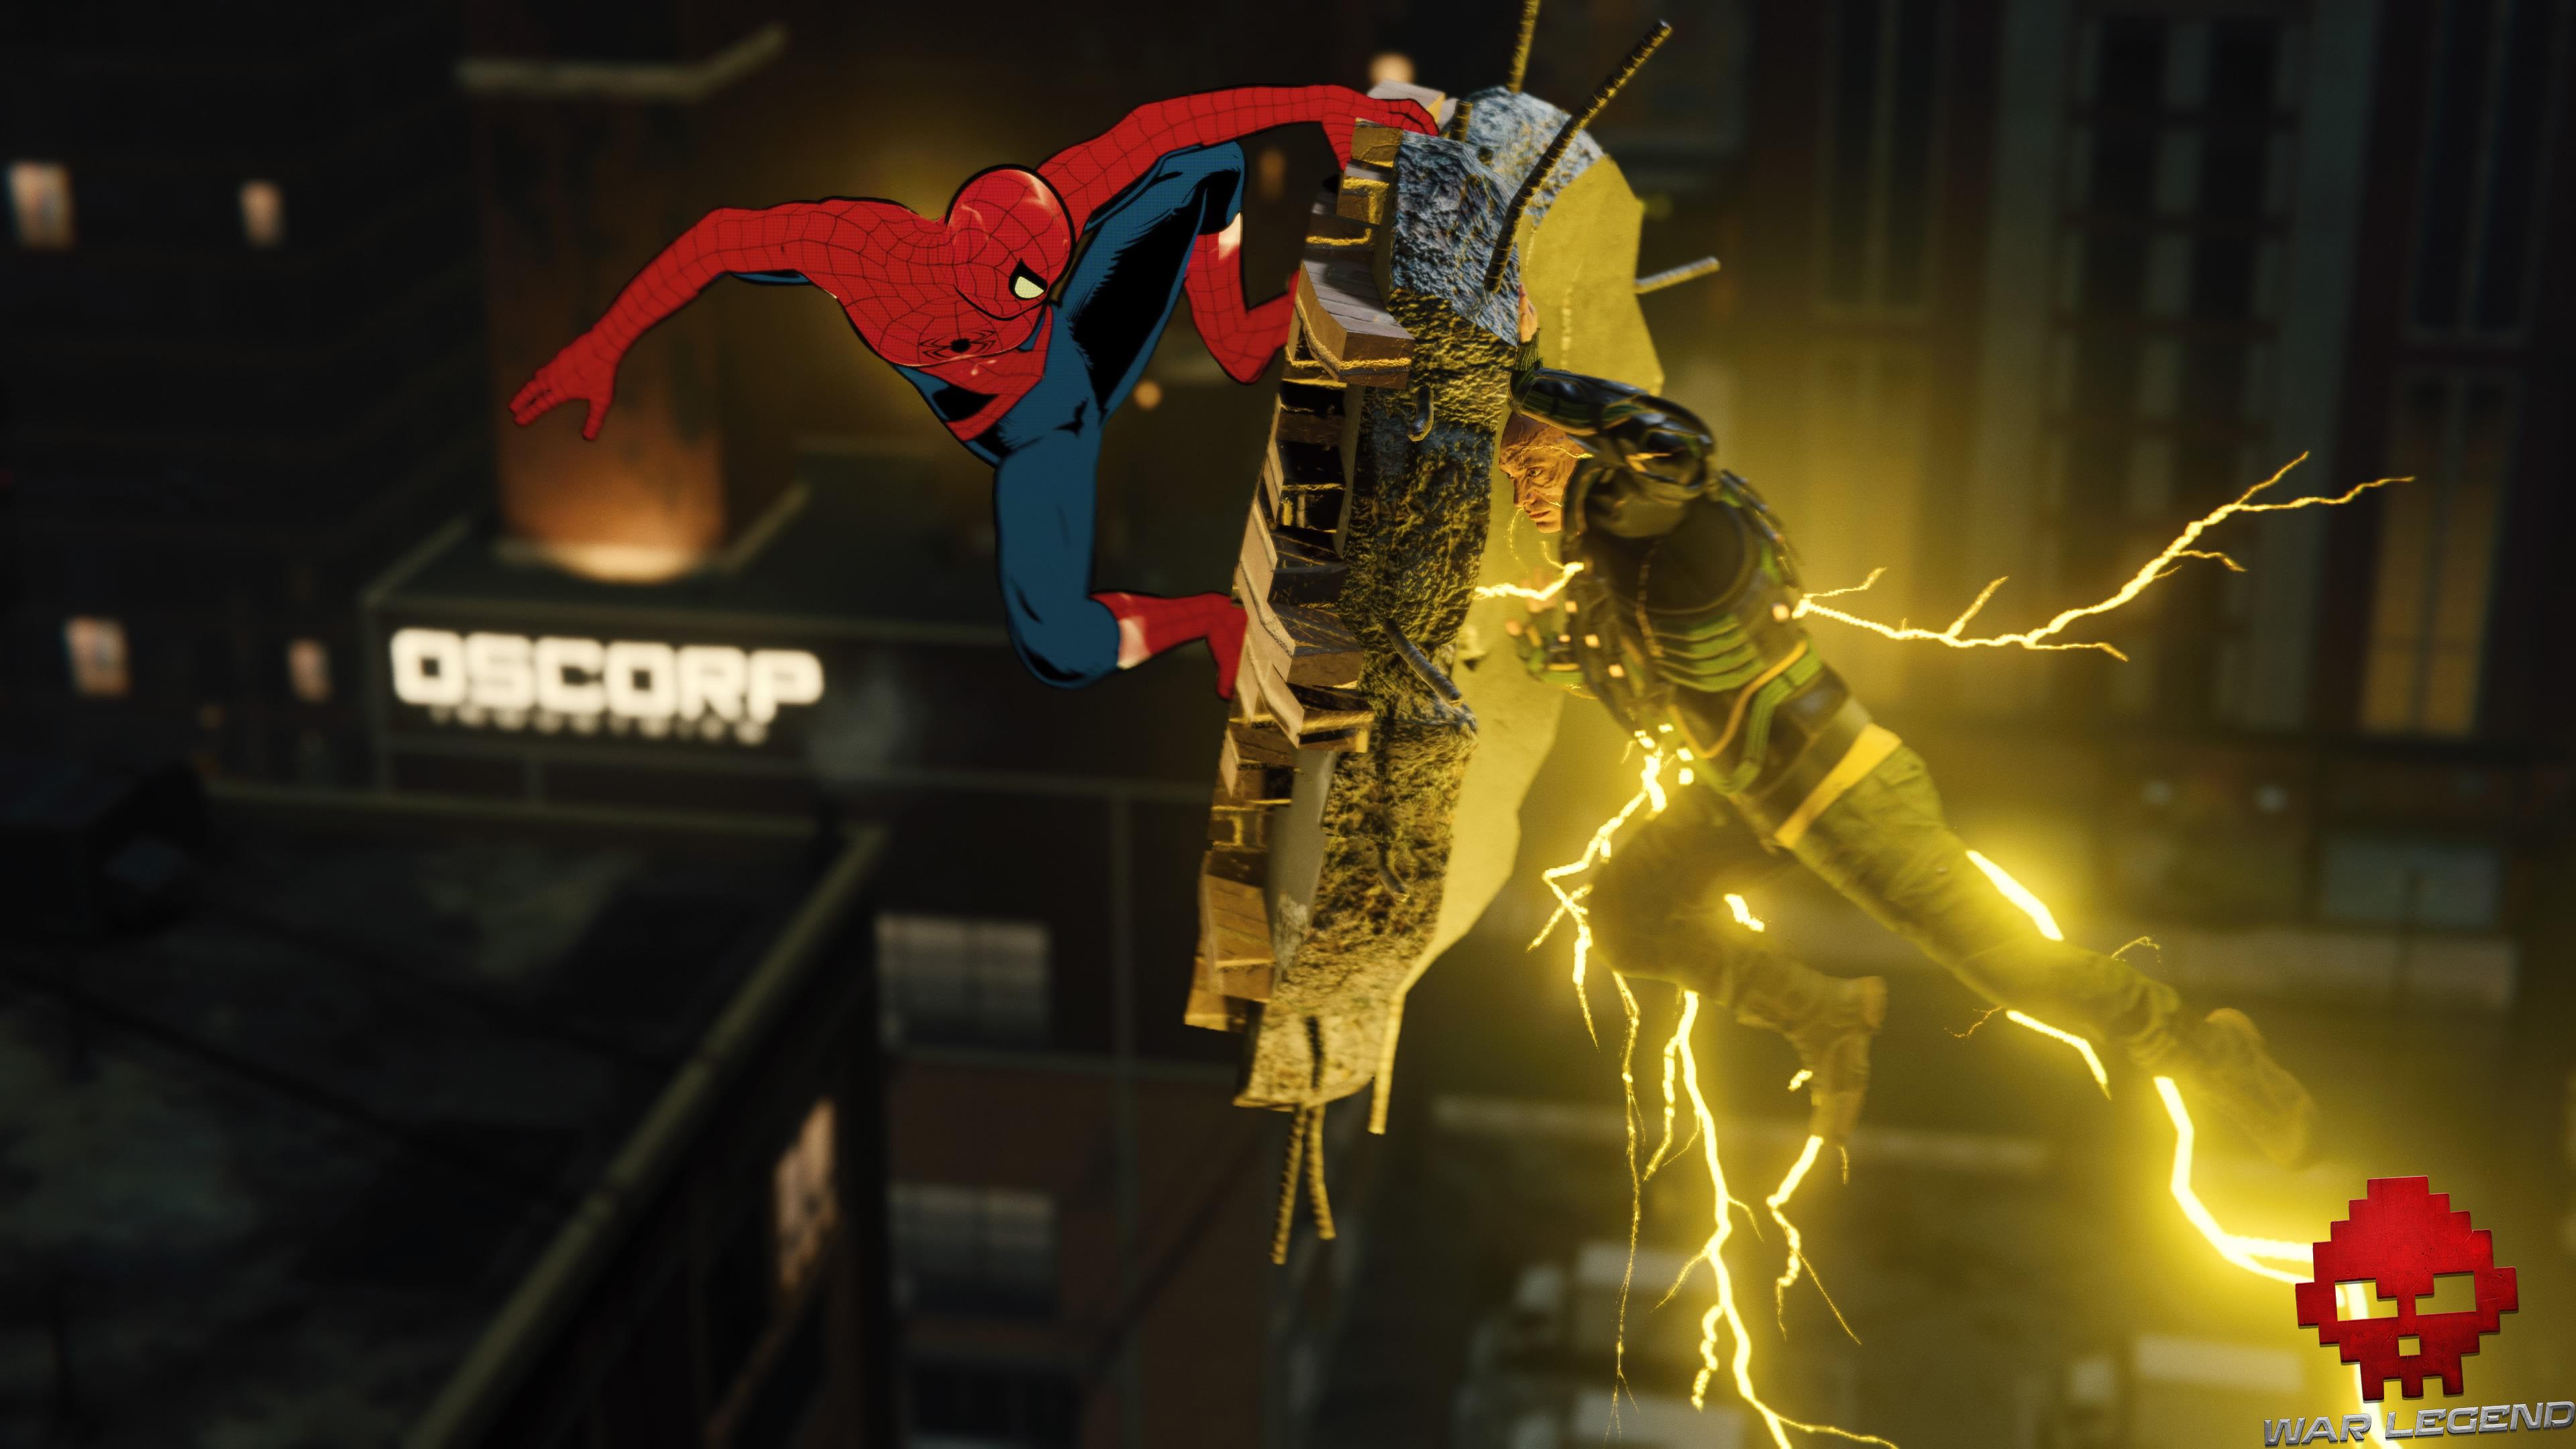 Test Spider-Man - Spider-Man contre Electro